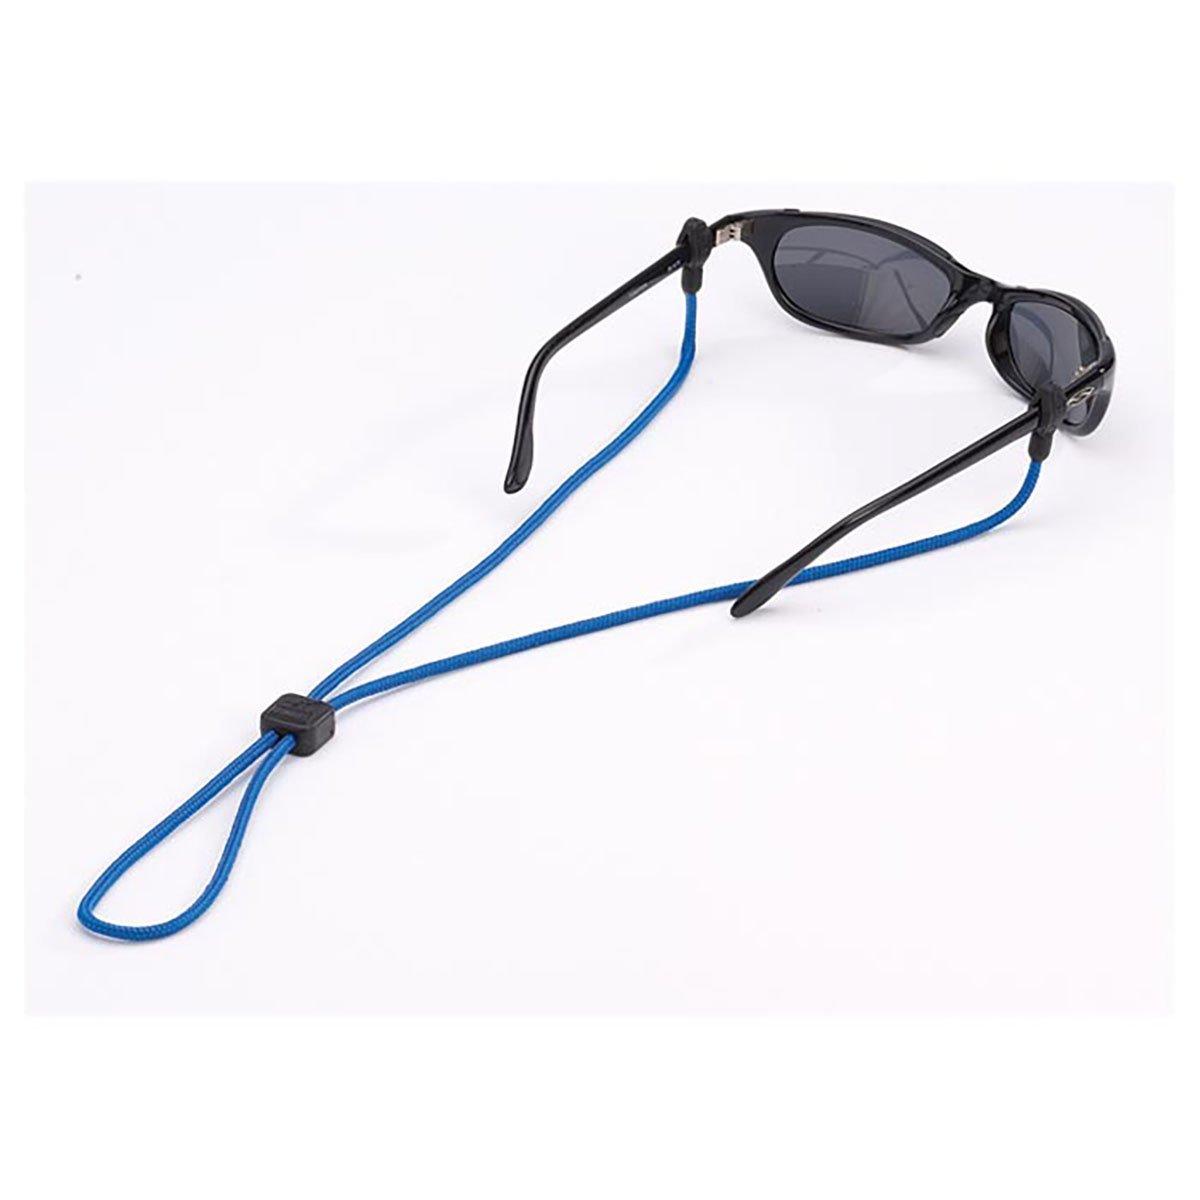 Chums Slip Fit Rope Eyewear Retainer, 3mm, Black 12121100